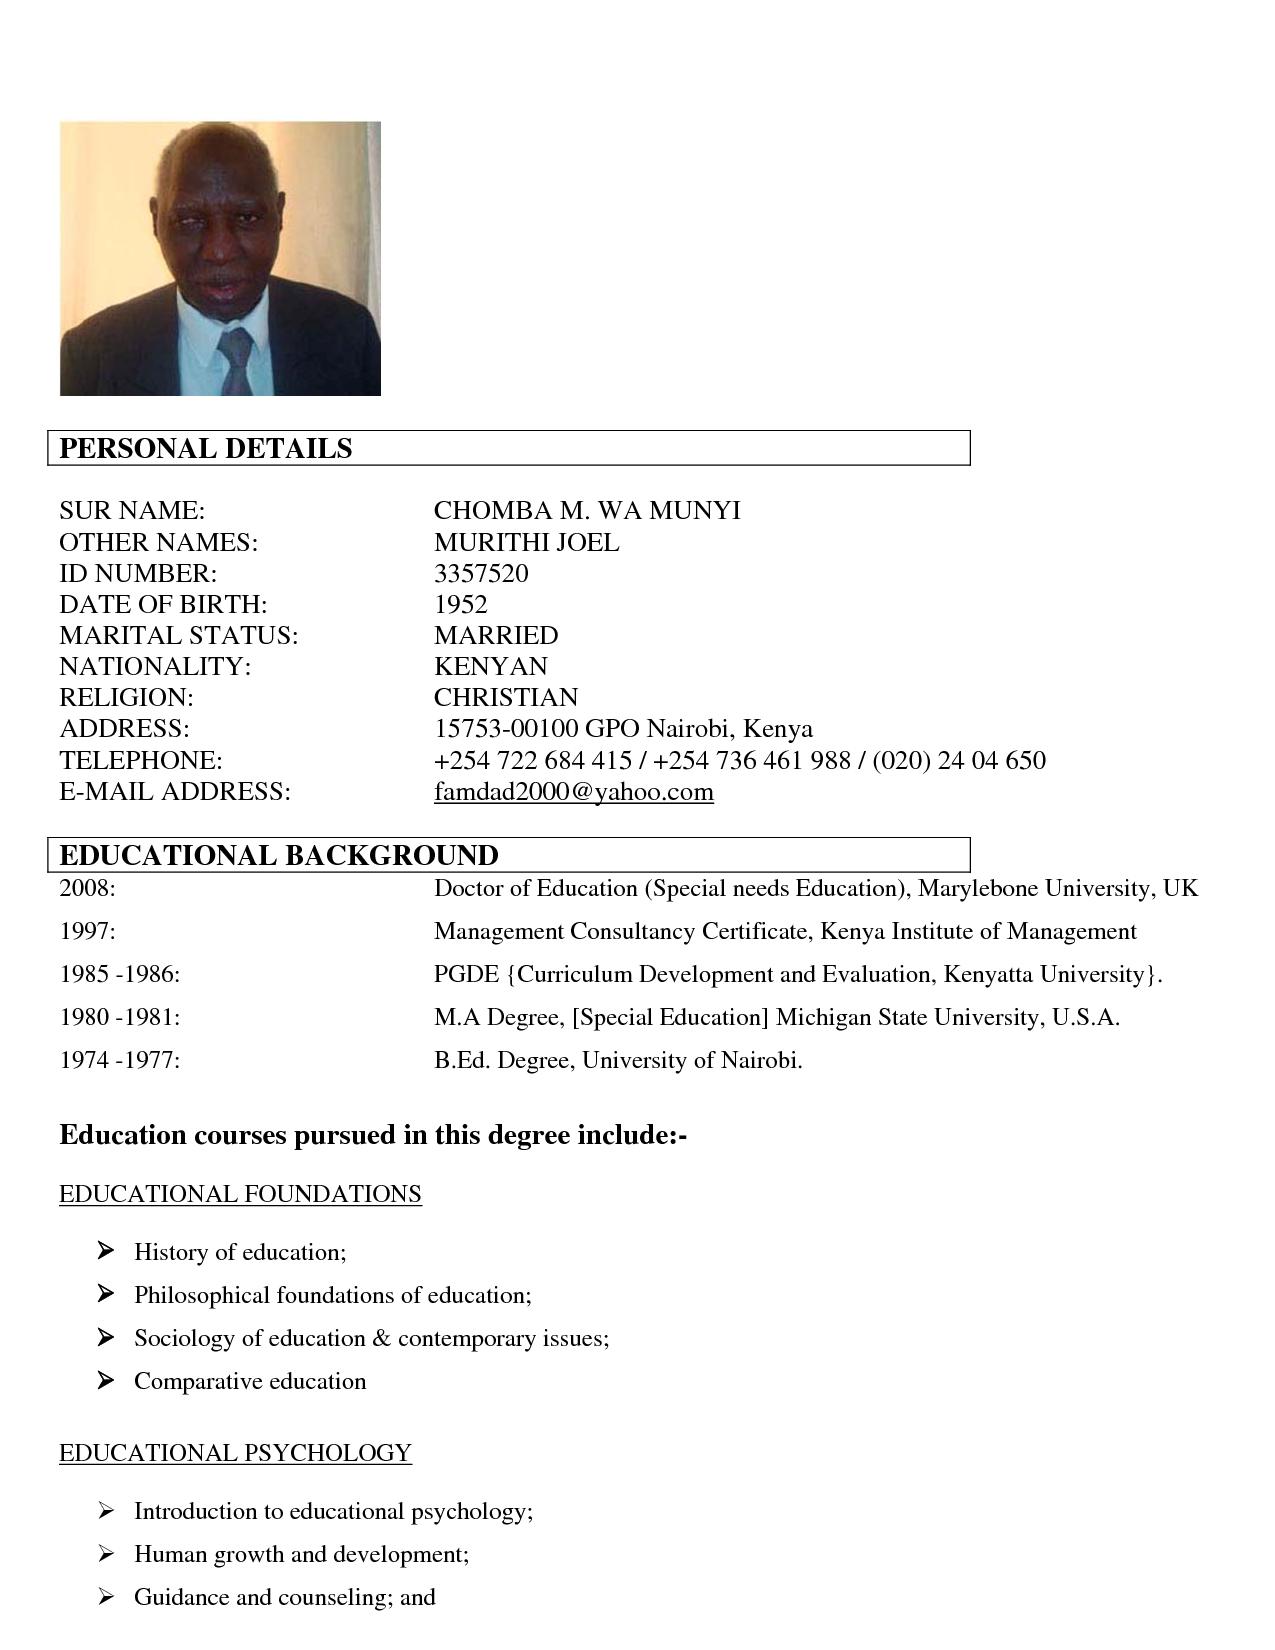 Educational Background Resume Sample